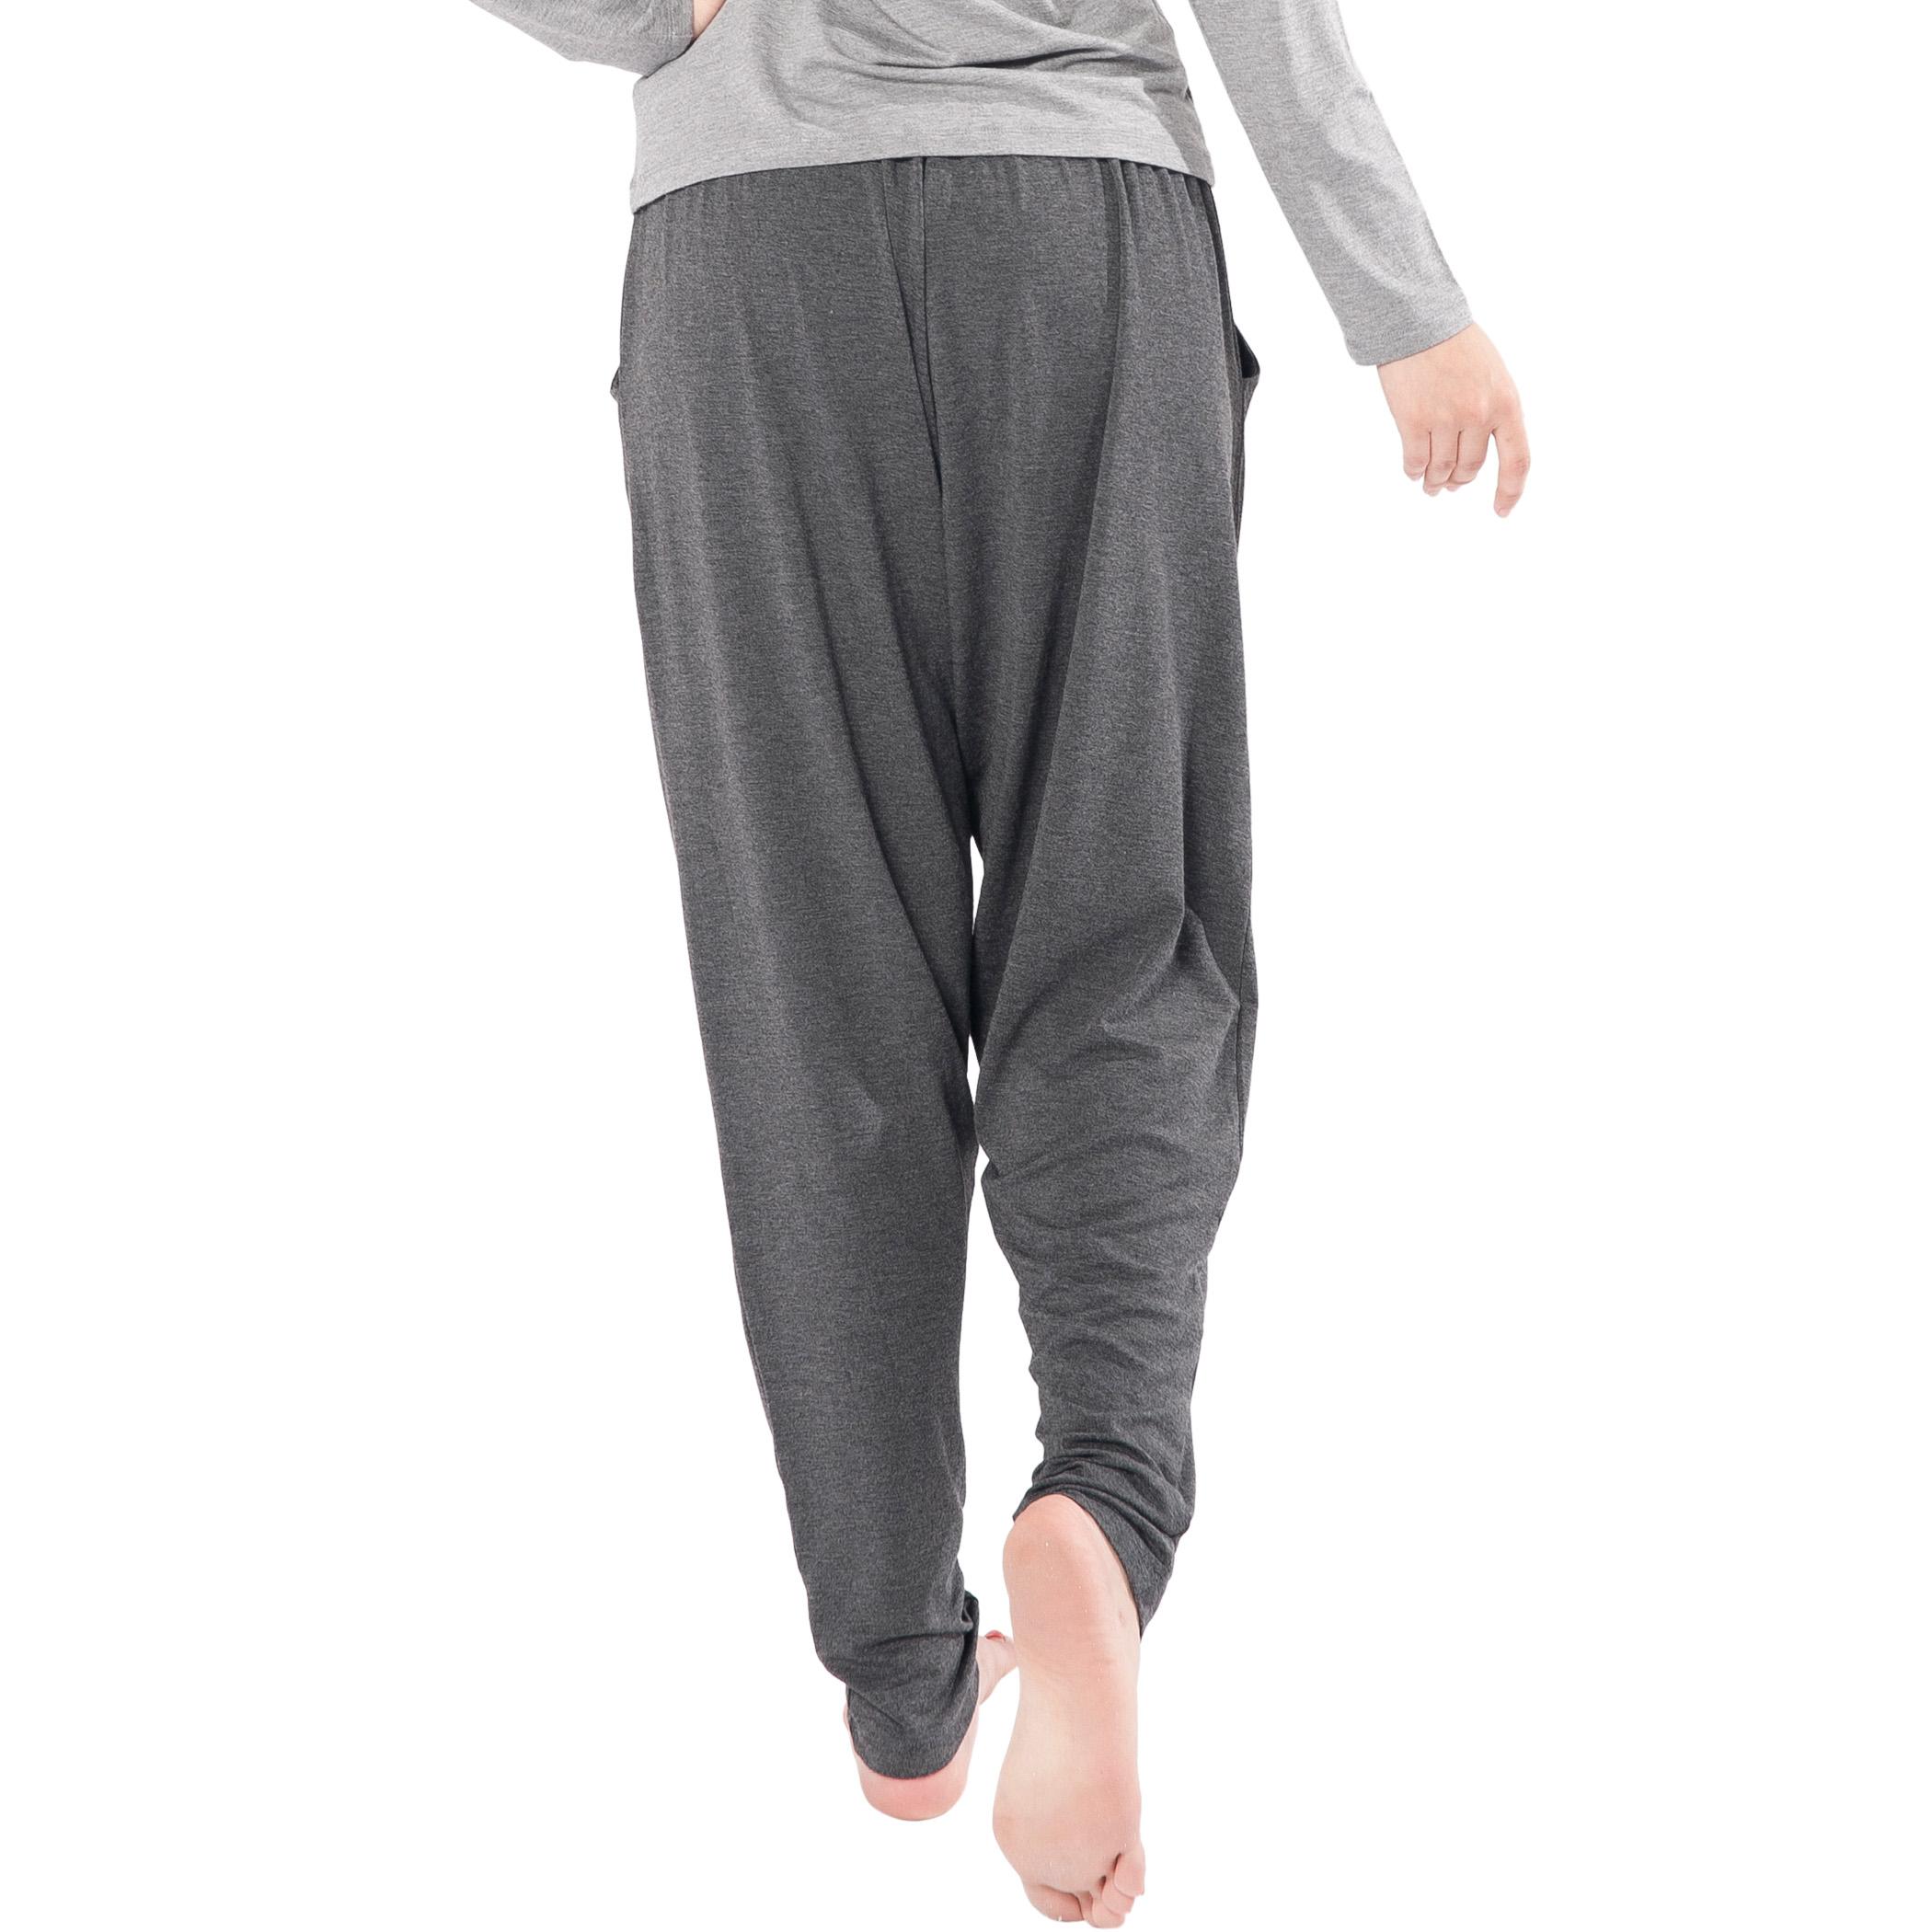 Одежда для йоги Lefan l3453/5s/kz 3453